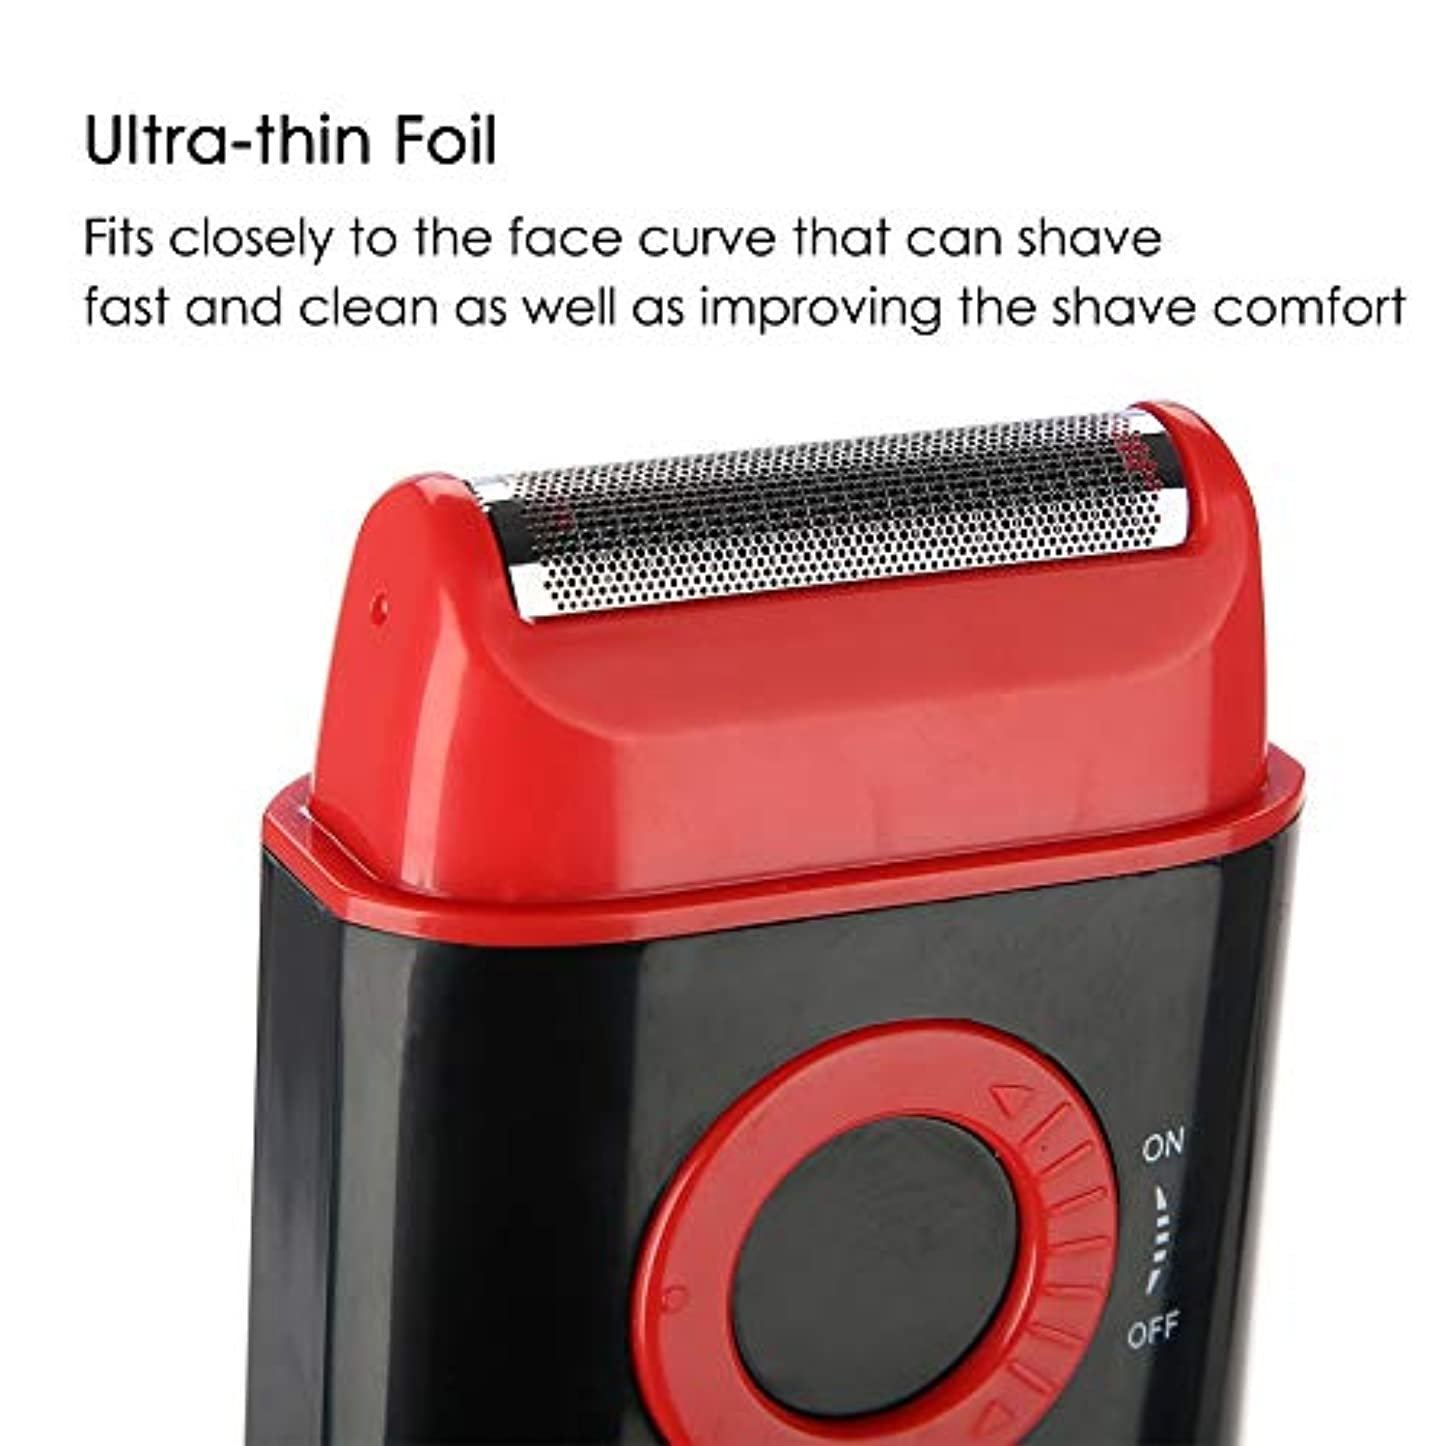 バイソン震えるさせる電気シェーバー 剃刀 男性 超薄型箔ポップアップひげトリマー単3電池のパワーシェービングカミソリ (レッド)